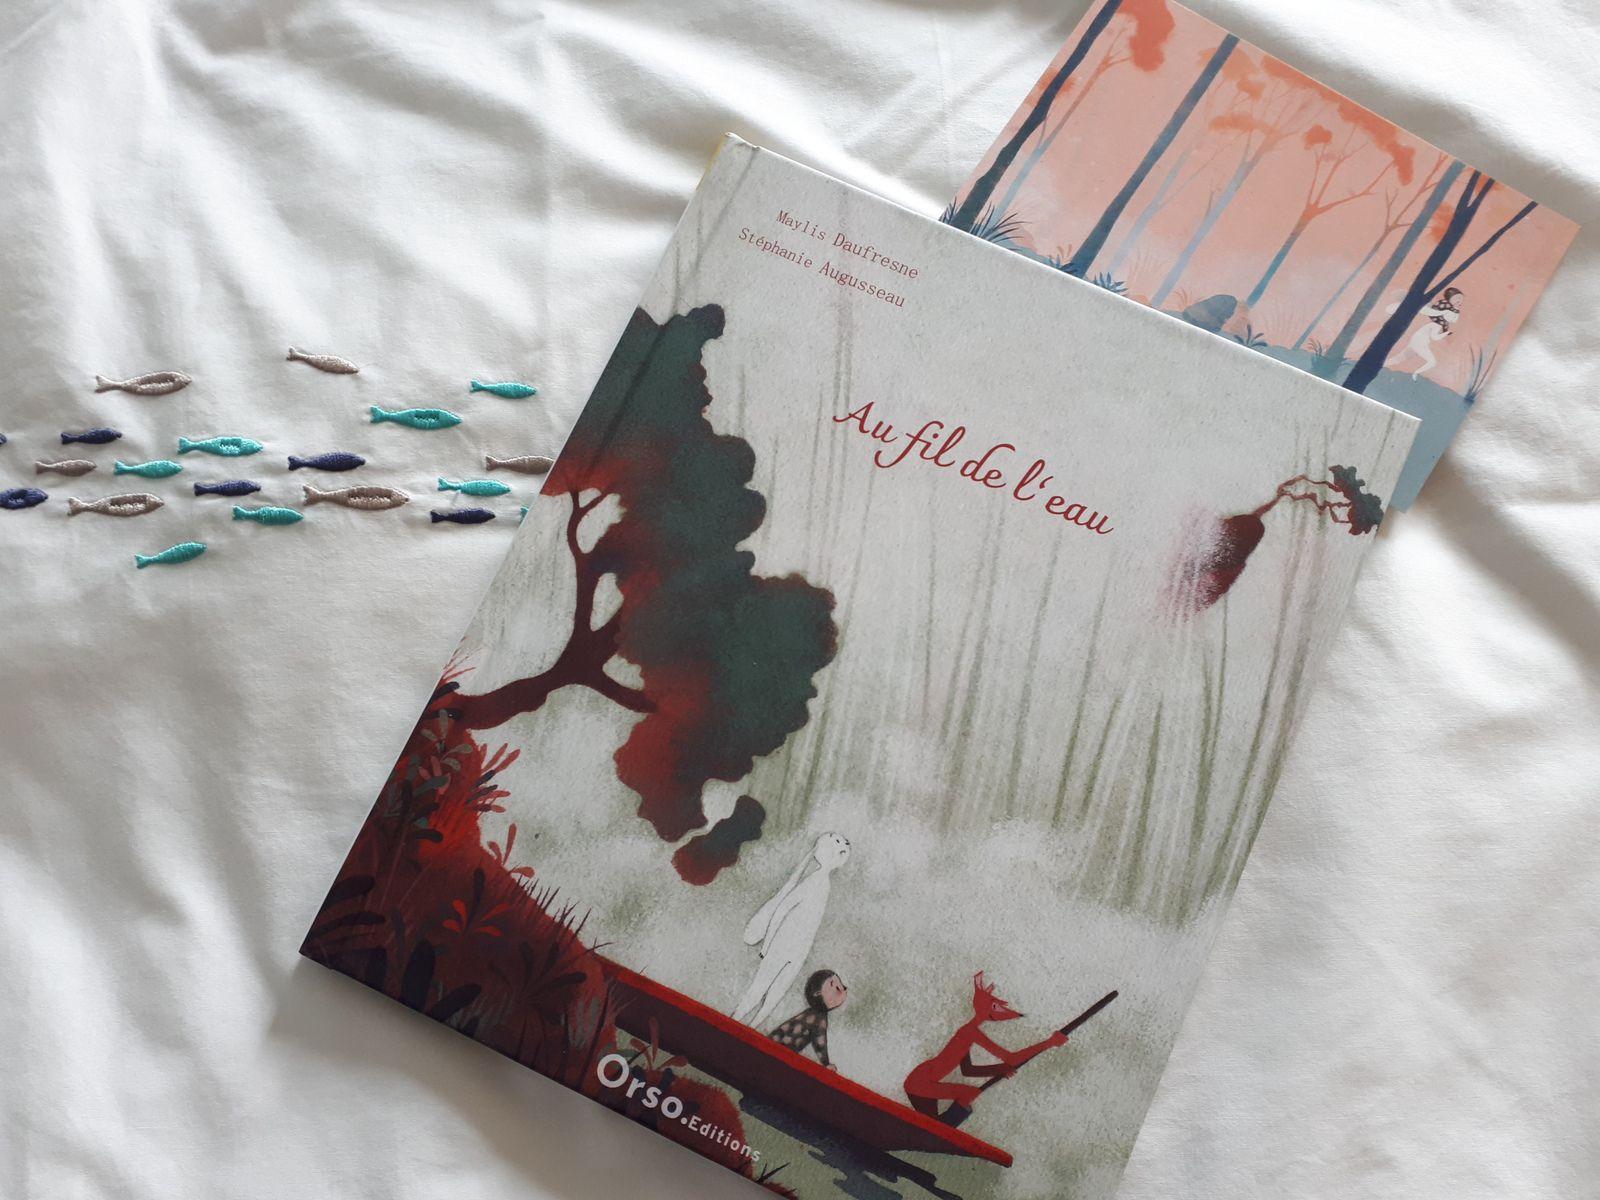 """Album jeunesse """"Au fil de l'eau"""" aux éditions Orso, écrit parMaylis Daufresne et illustré par Stéphanie Augusseau."""